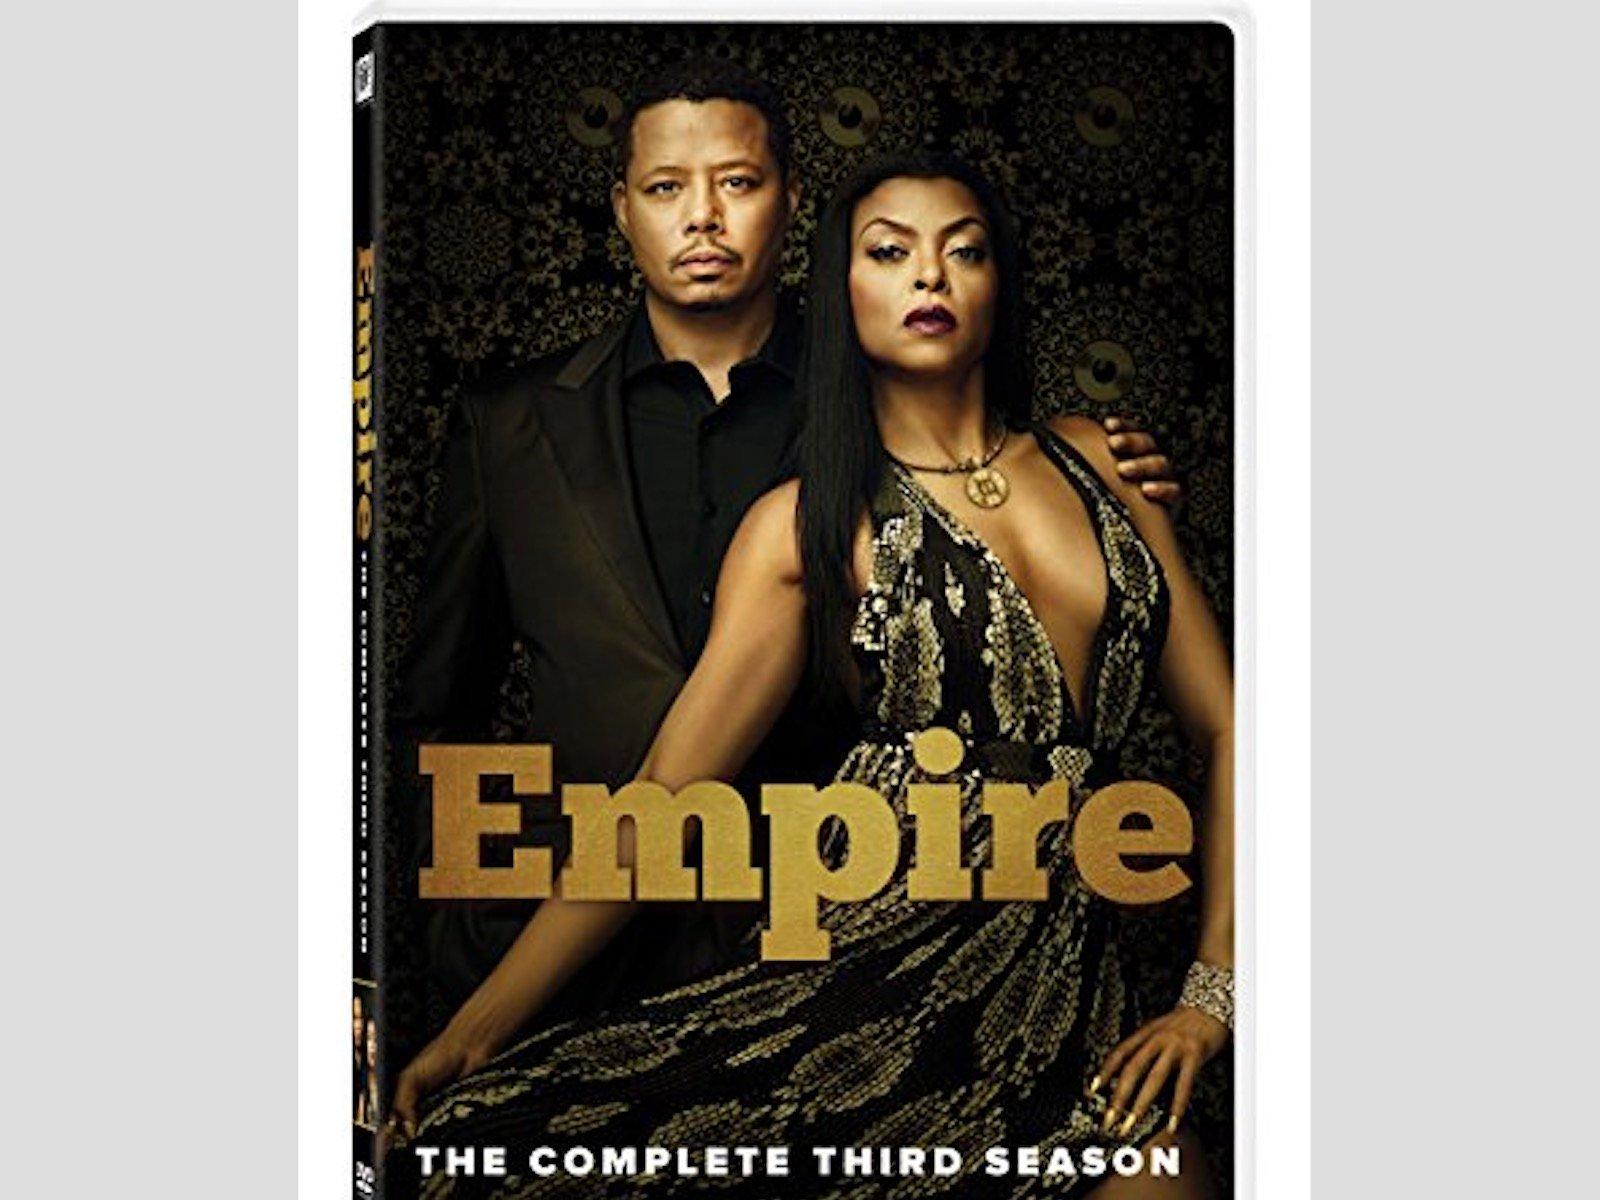 Empire Season 3 DVD